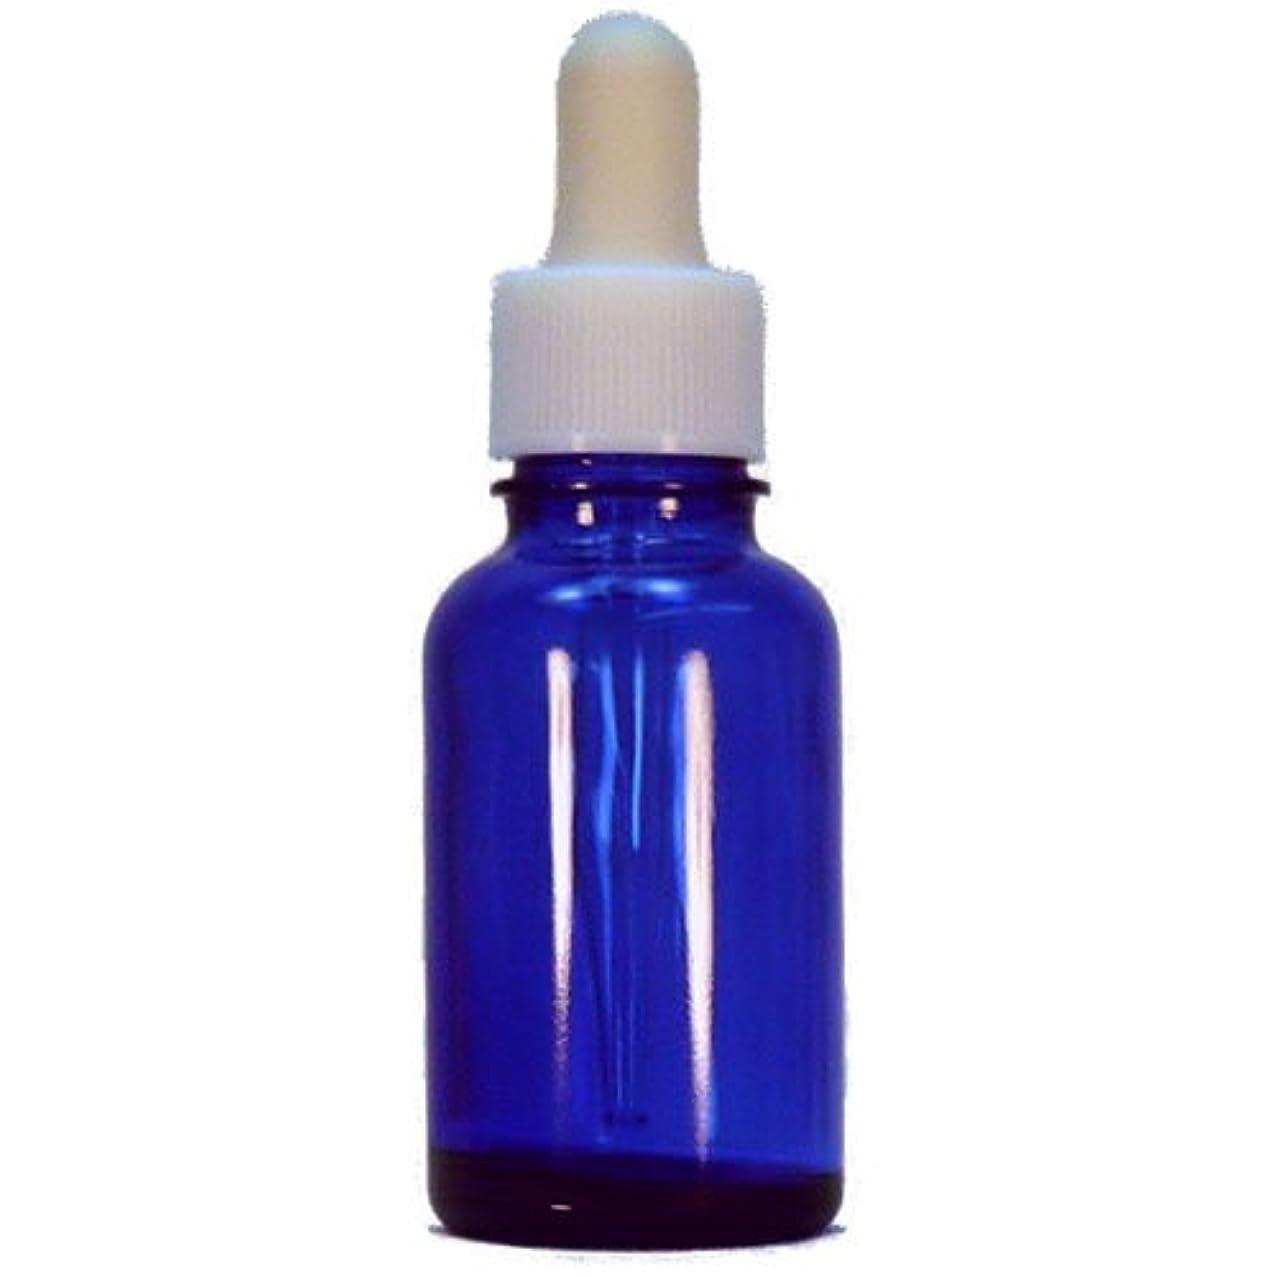 アラビア語銀黒人ミキシングボトル ブルー 10ml 3本セット